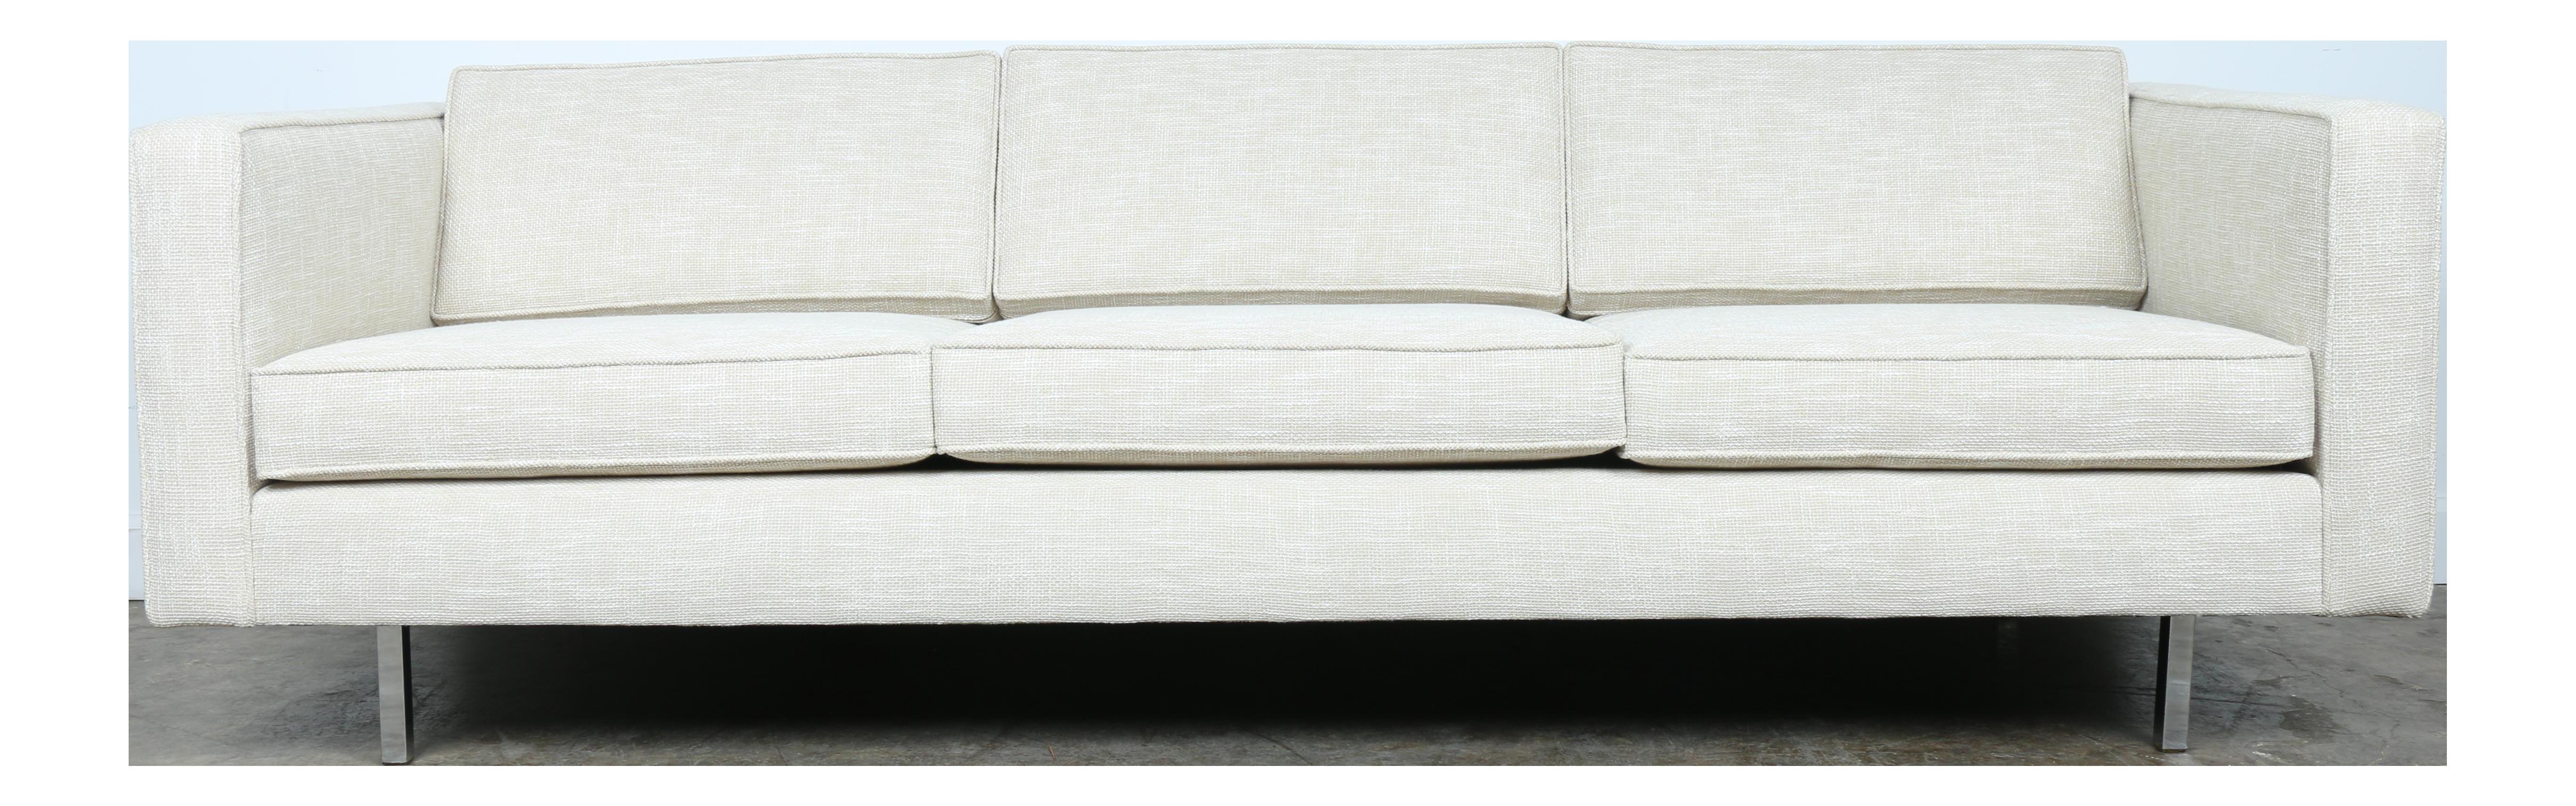 White Mid Century Sofa With Chrome Legs Century Sofa Mid Century Sofa Sofa